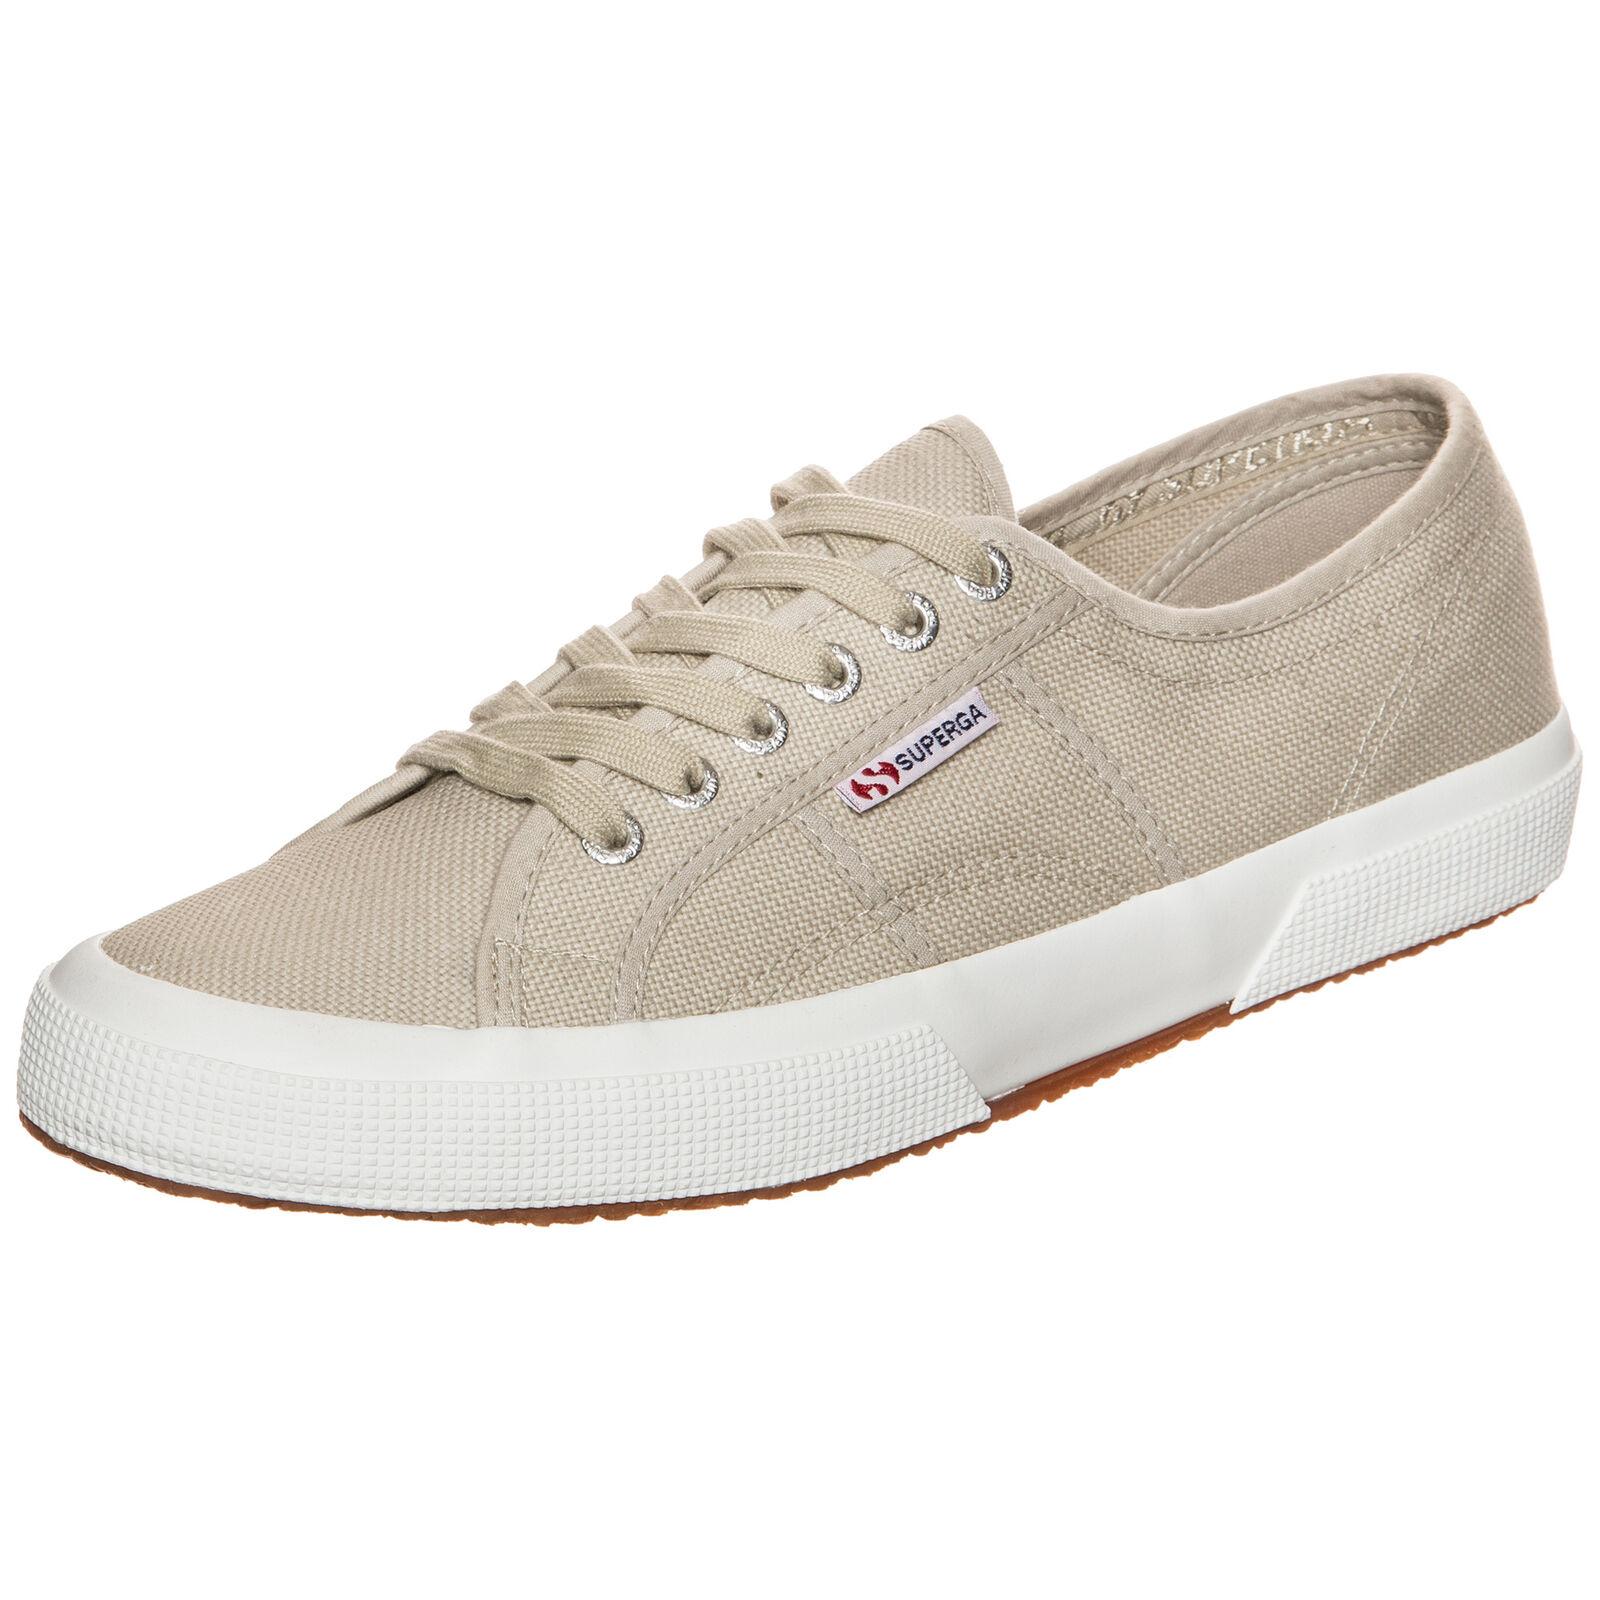 Superga 2750 Cotu Classic Sneaker Beige NEU Schuhe Turnschuhe